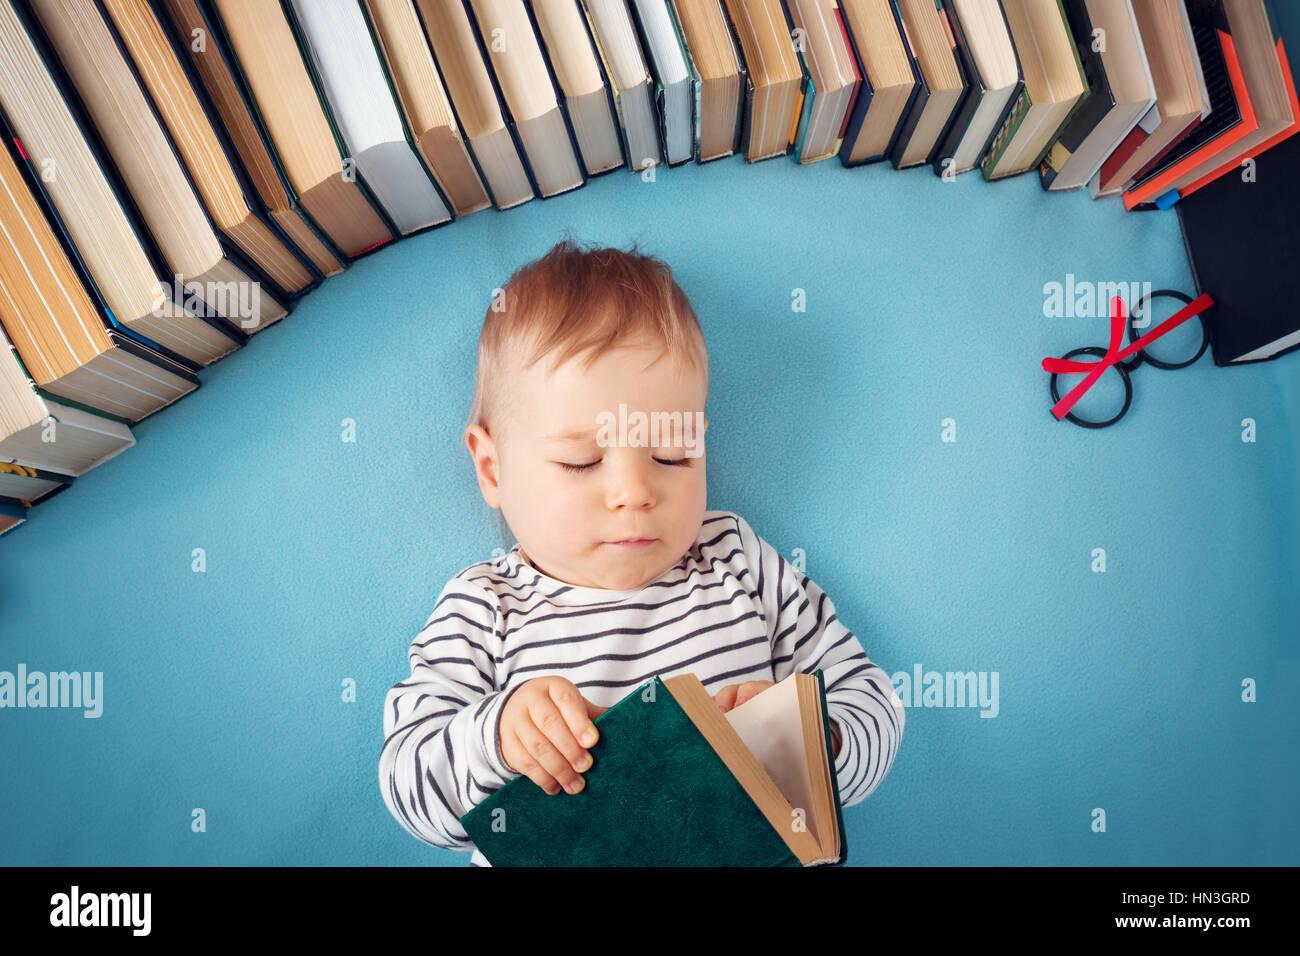 1 Jahr altes Baby mit Spectackles und Bücher Stockfoto